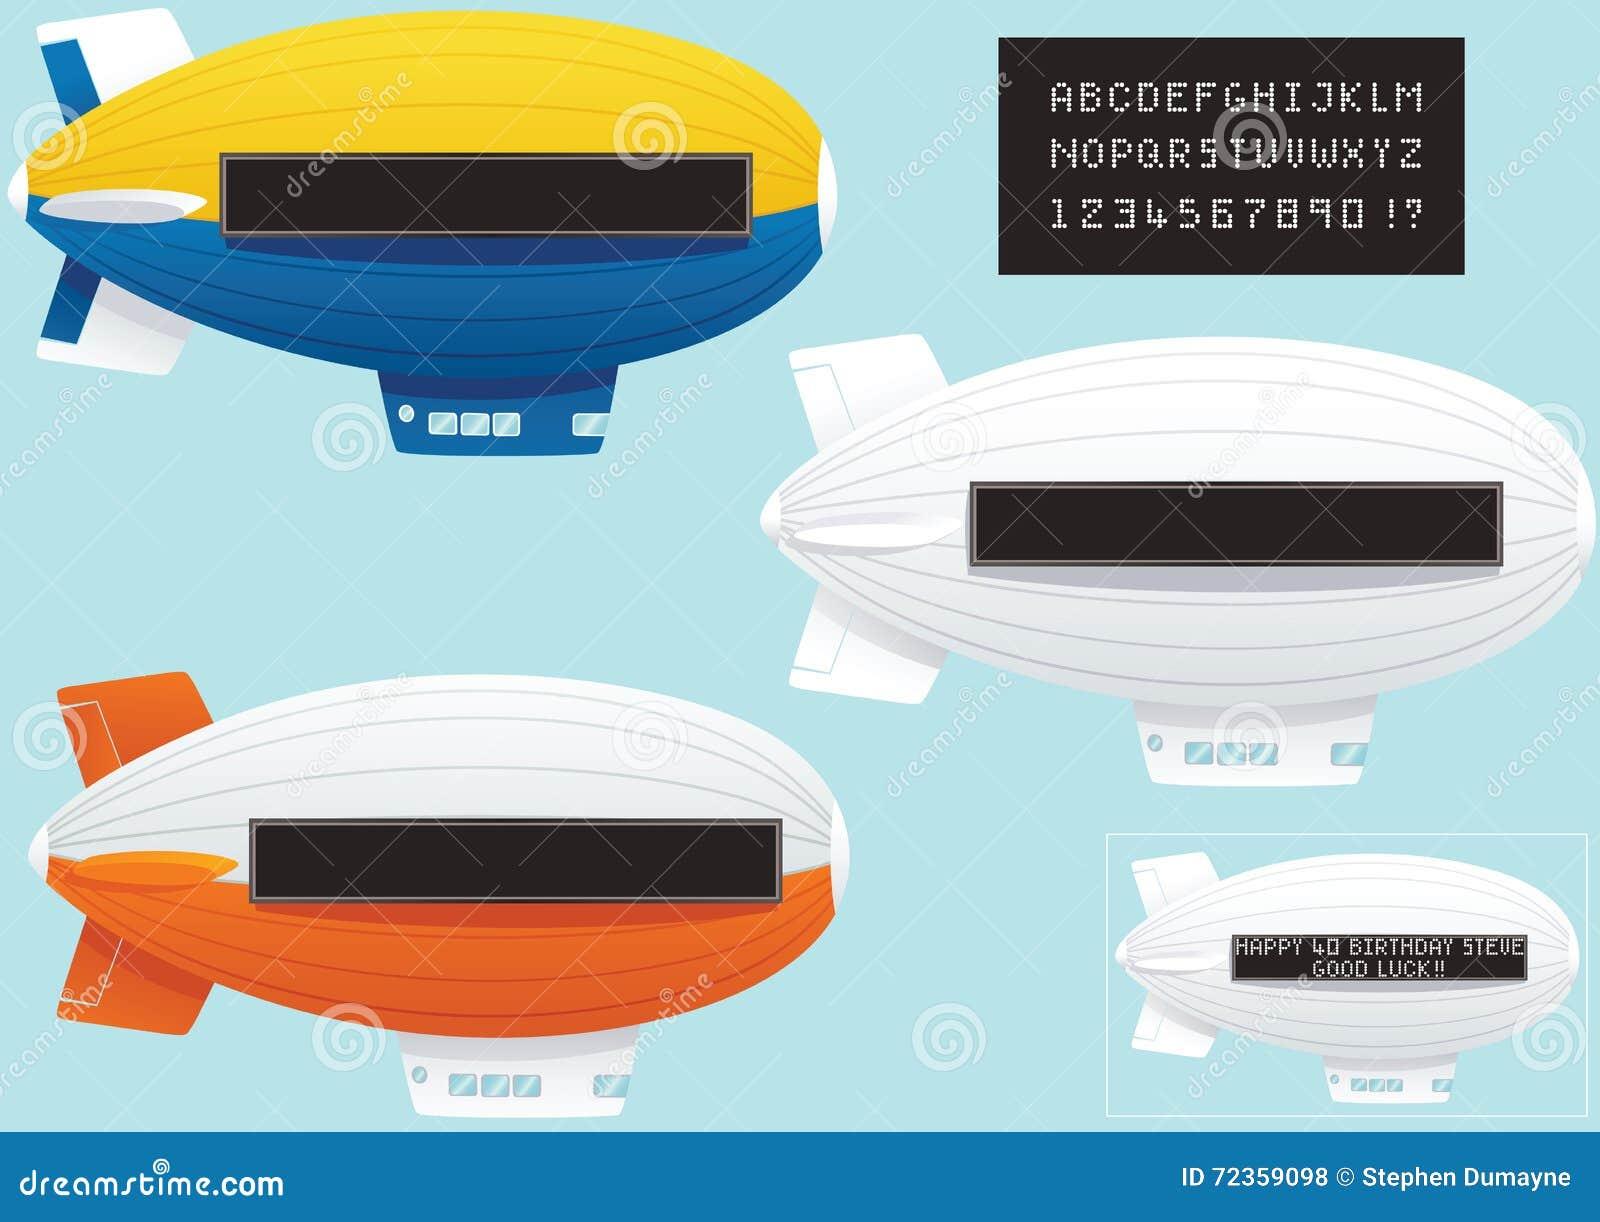 有霓虹灯广告和文本的软式小型飞艇